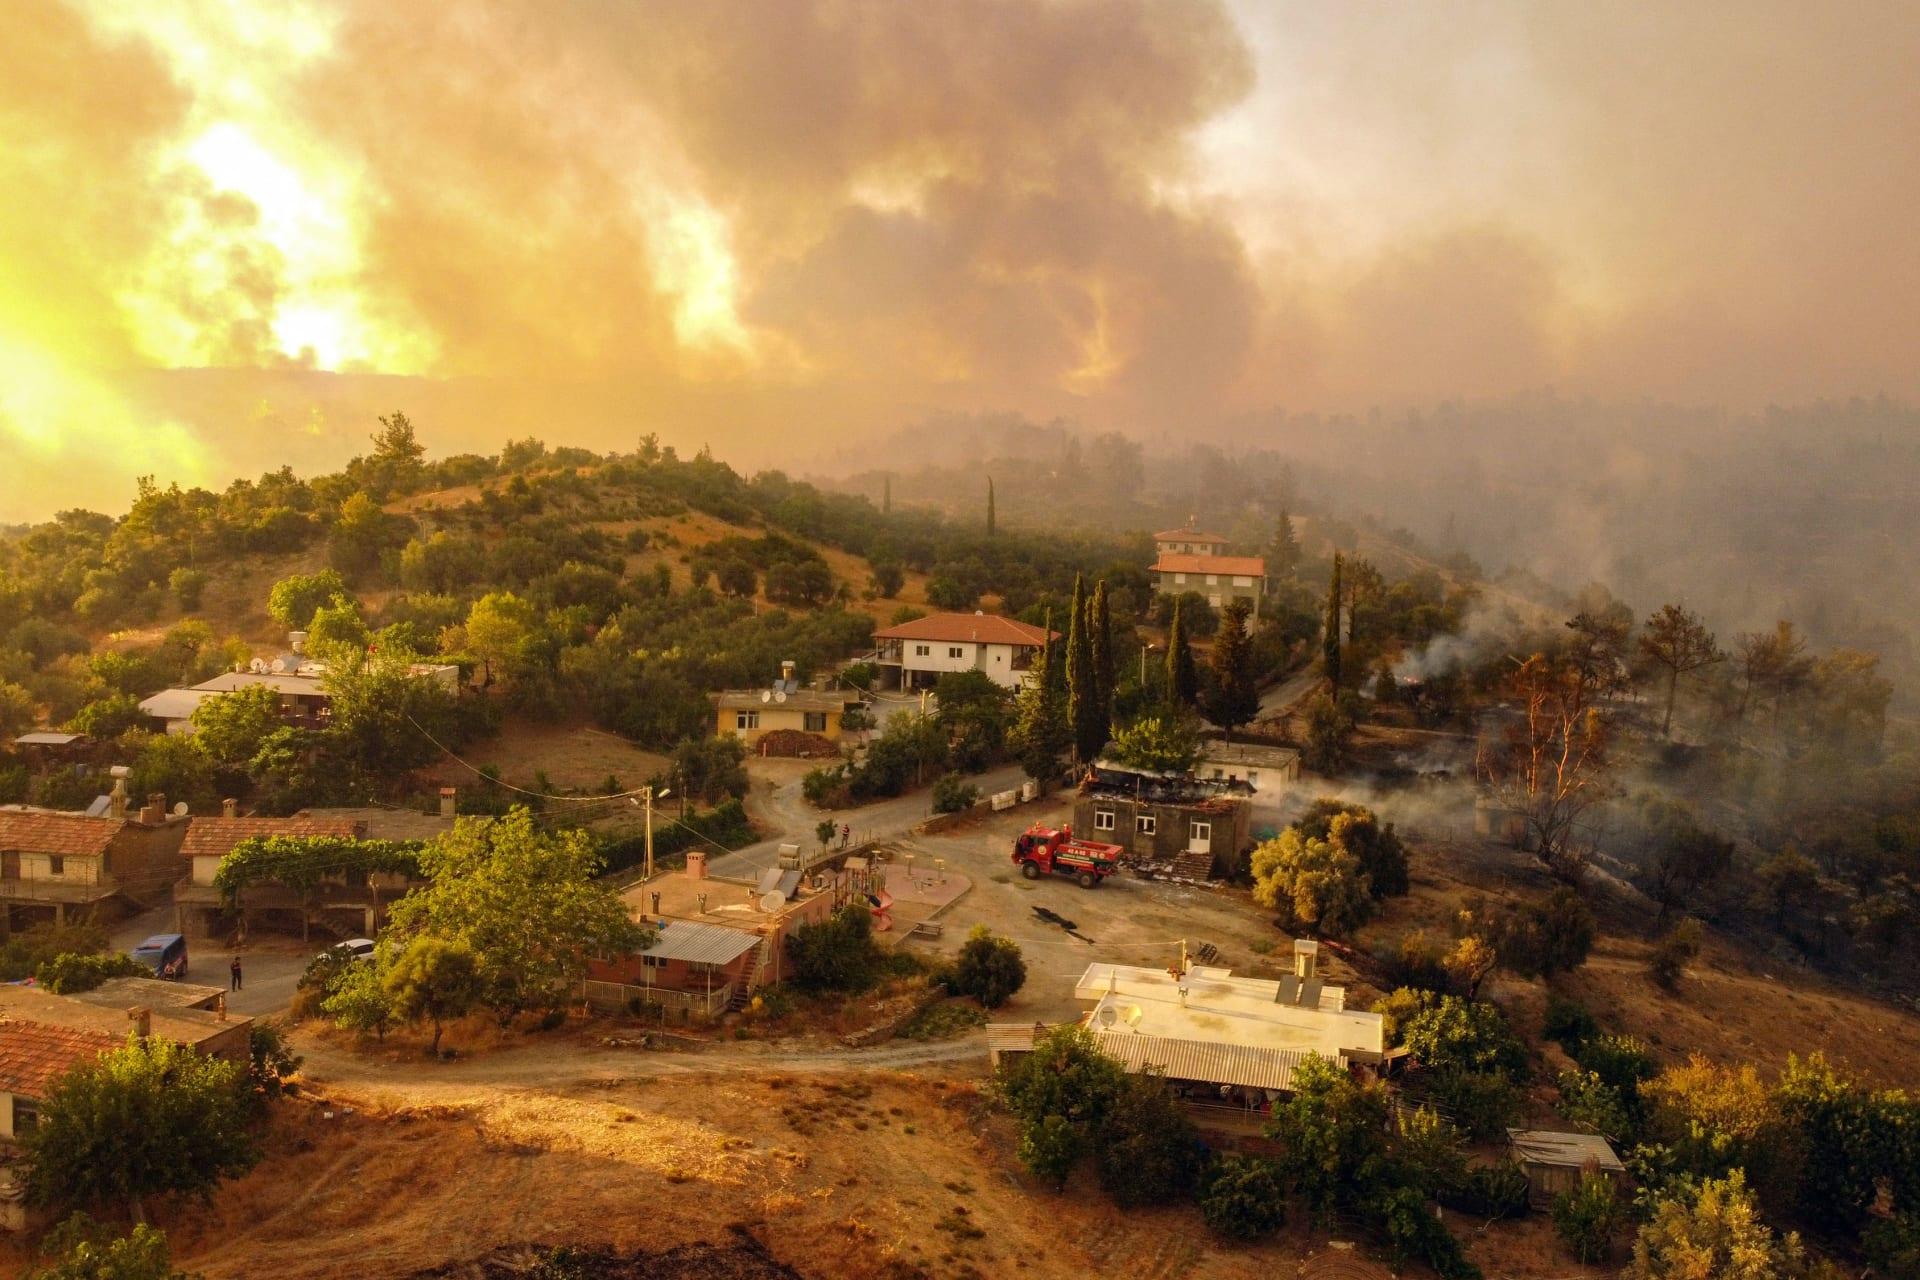 شاهد.. فراشة تهرب من حرائق الغابات بتركيا وترتوي من يد عامل إغاثة